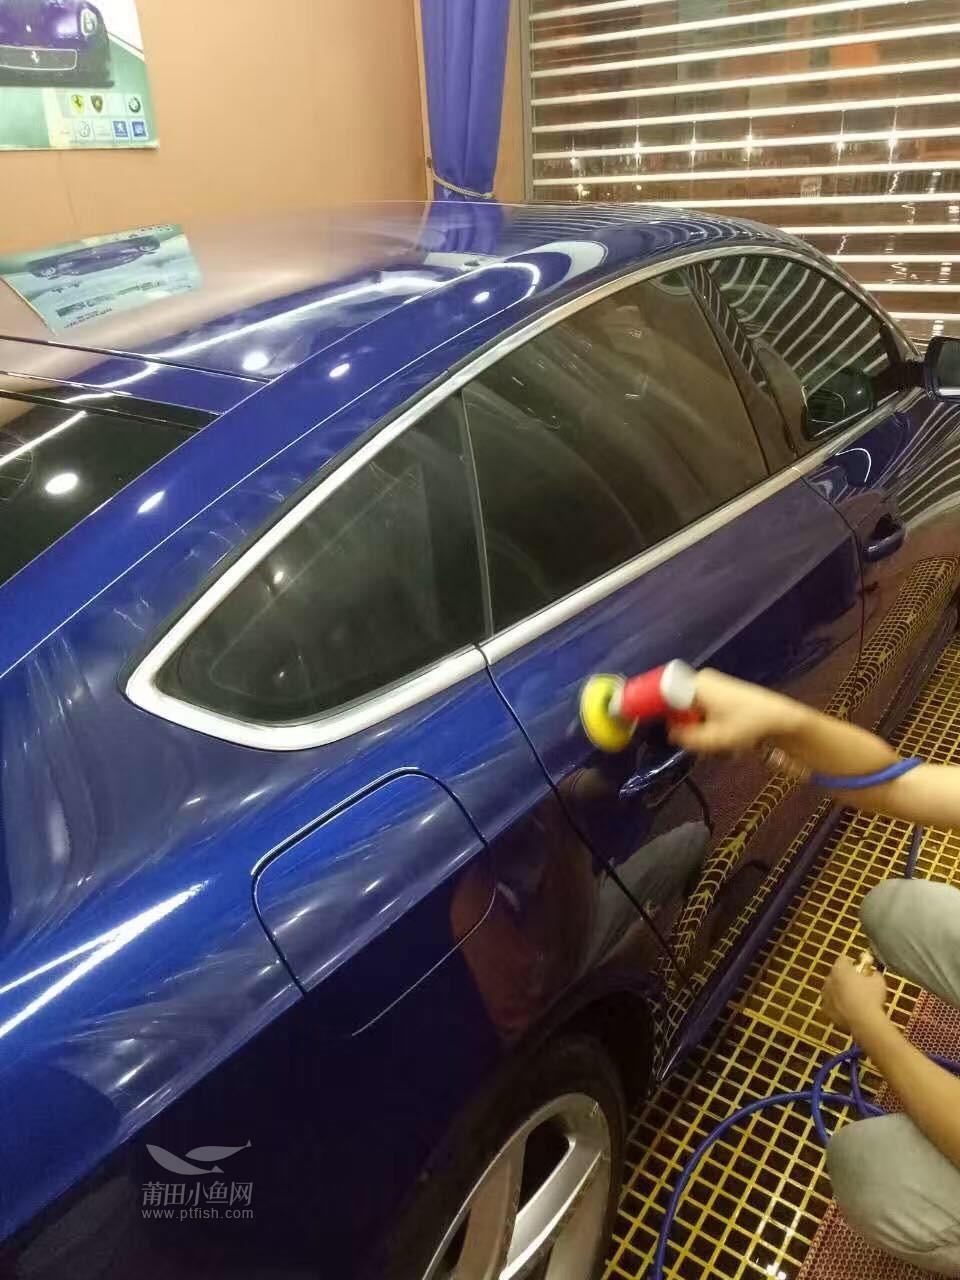 莆田奥迪豪车汇,顶级之星A5v顶级,风机镀晶,-汽新古德长安蓝色结构图图片